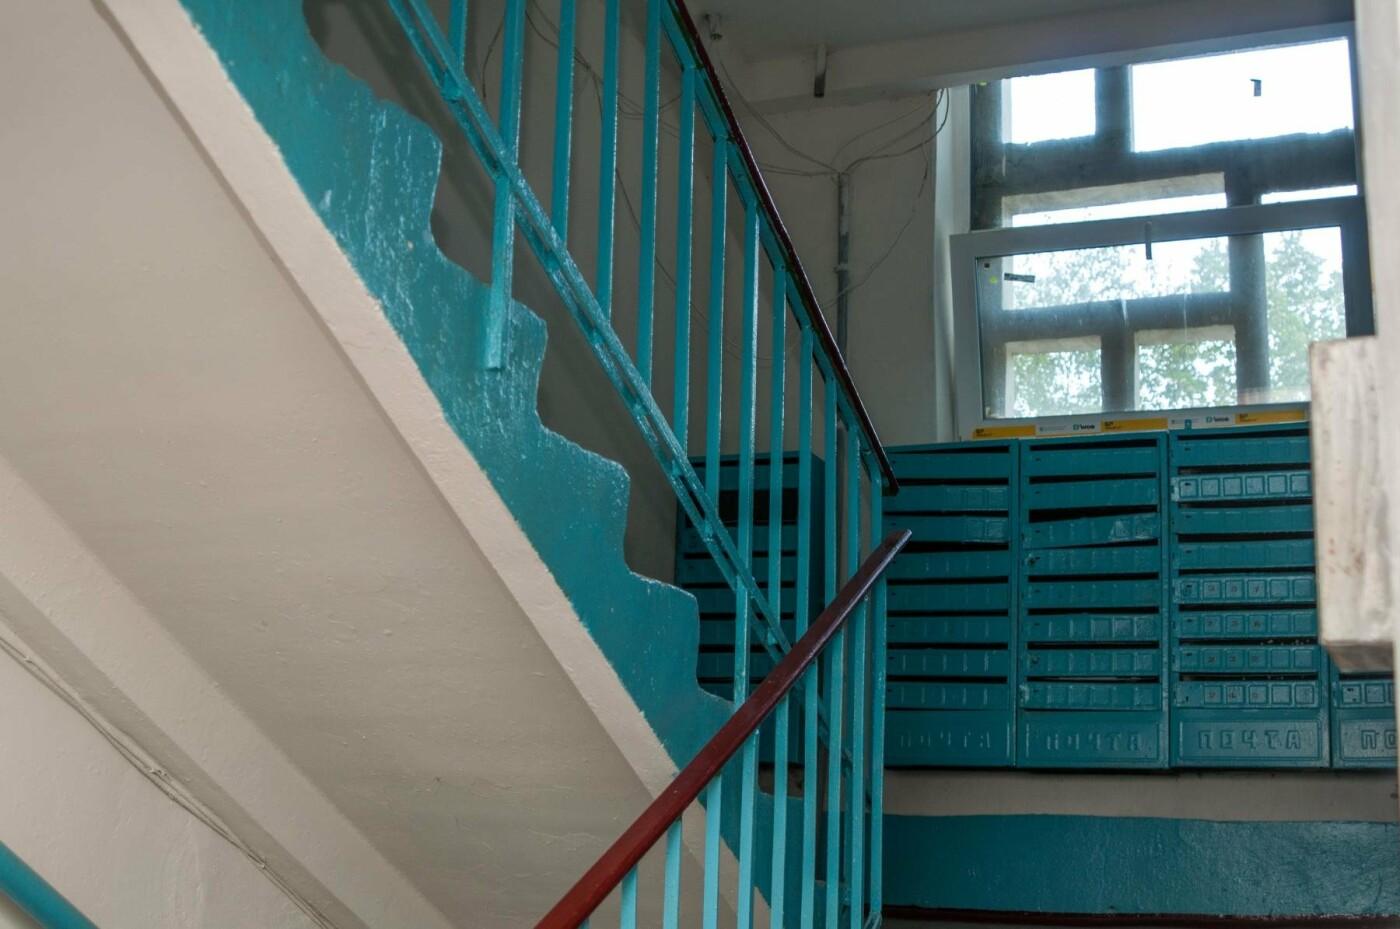 В Днепре продолжается ремонт подъездов в многоэтажках, - ФОТО, фото-2